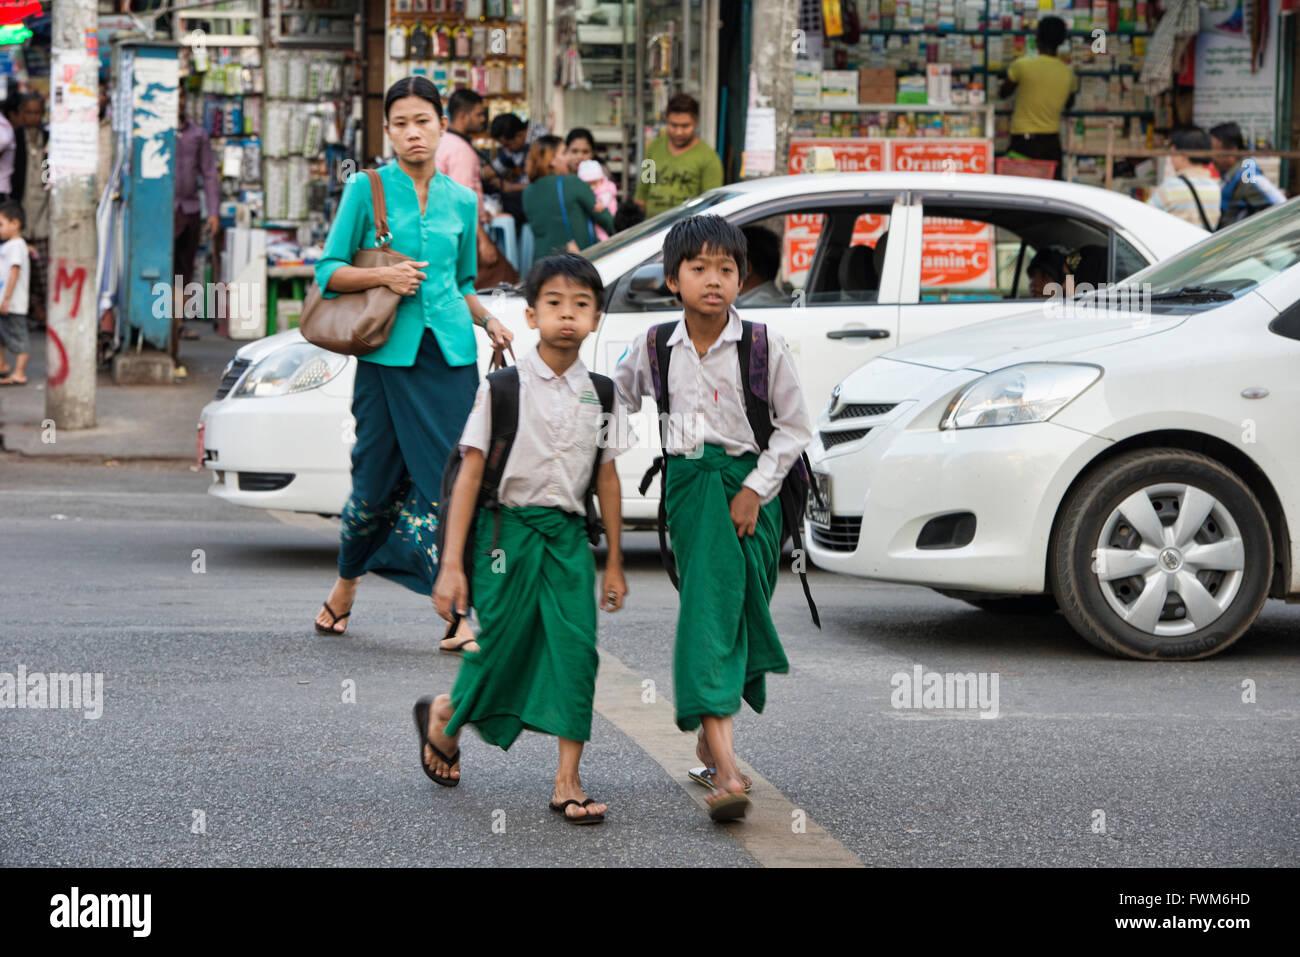 Schoolboys walking, Yangon, Myanmar - Stock Image